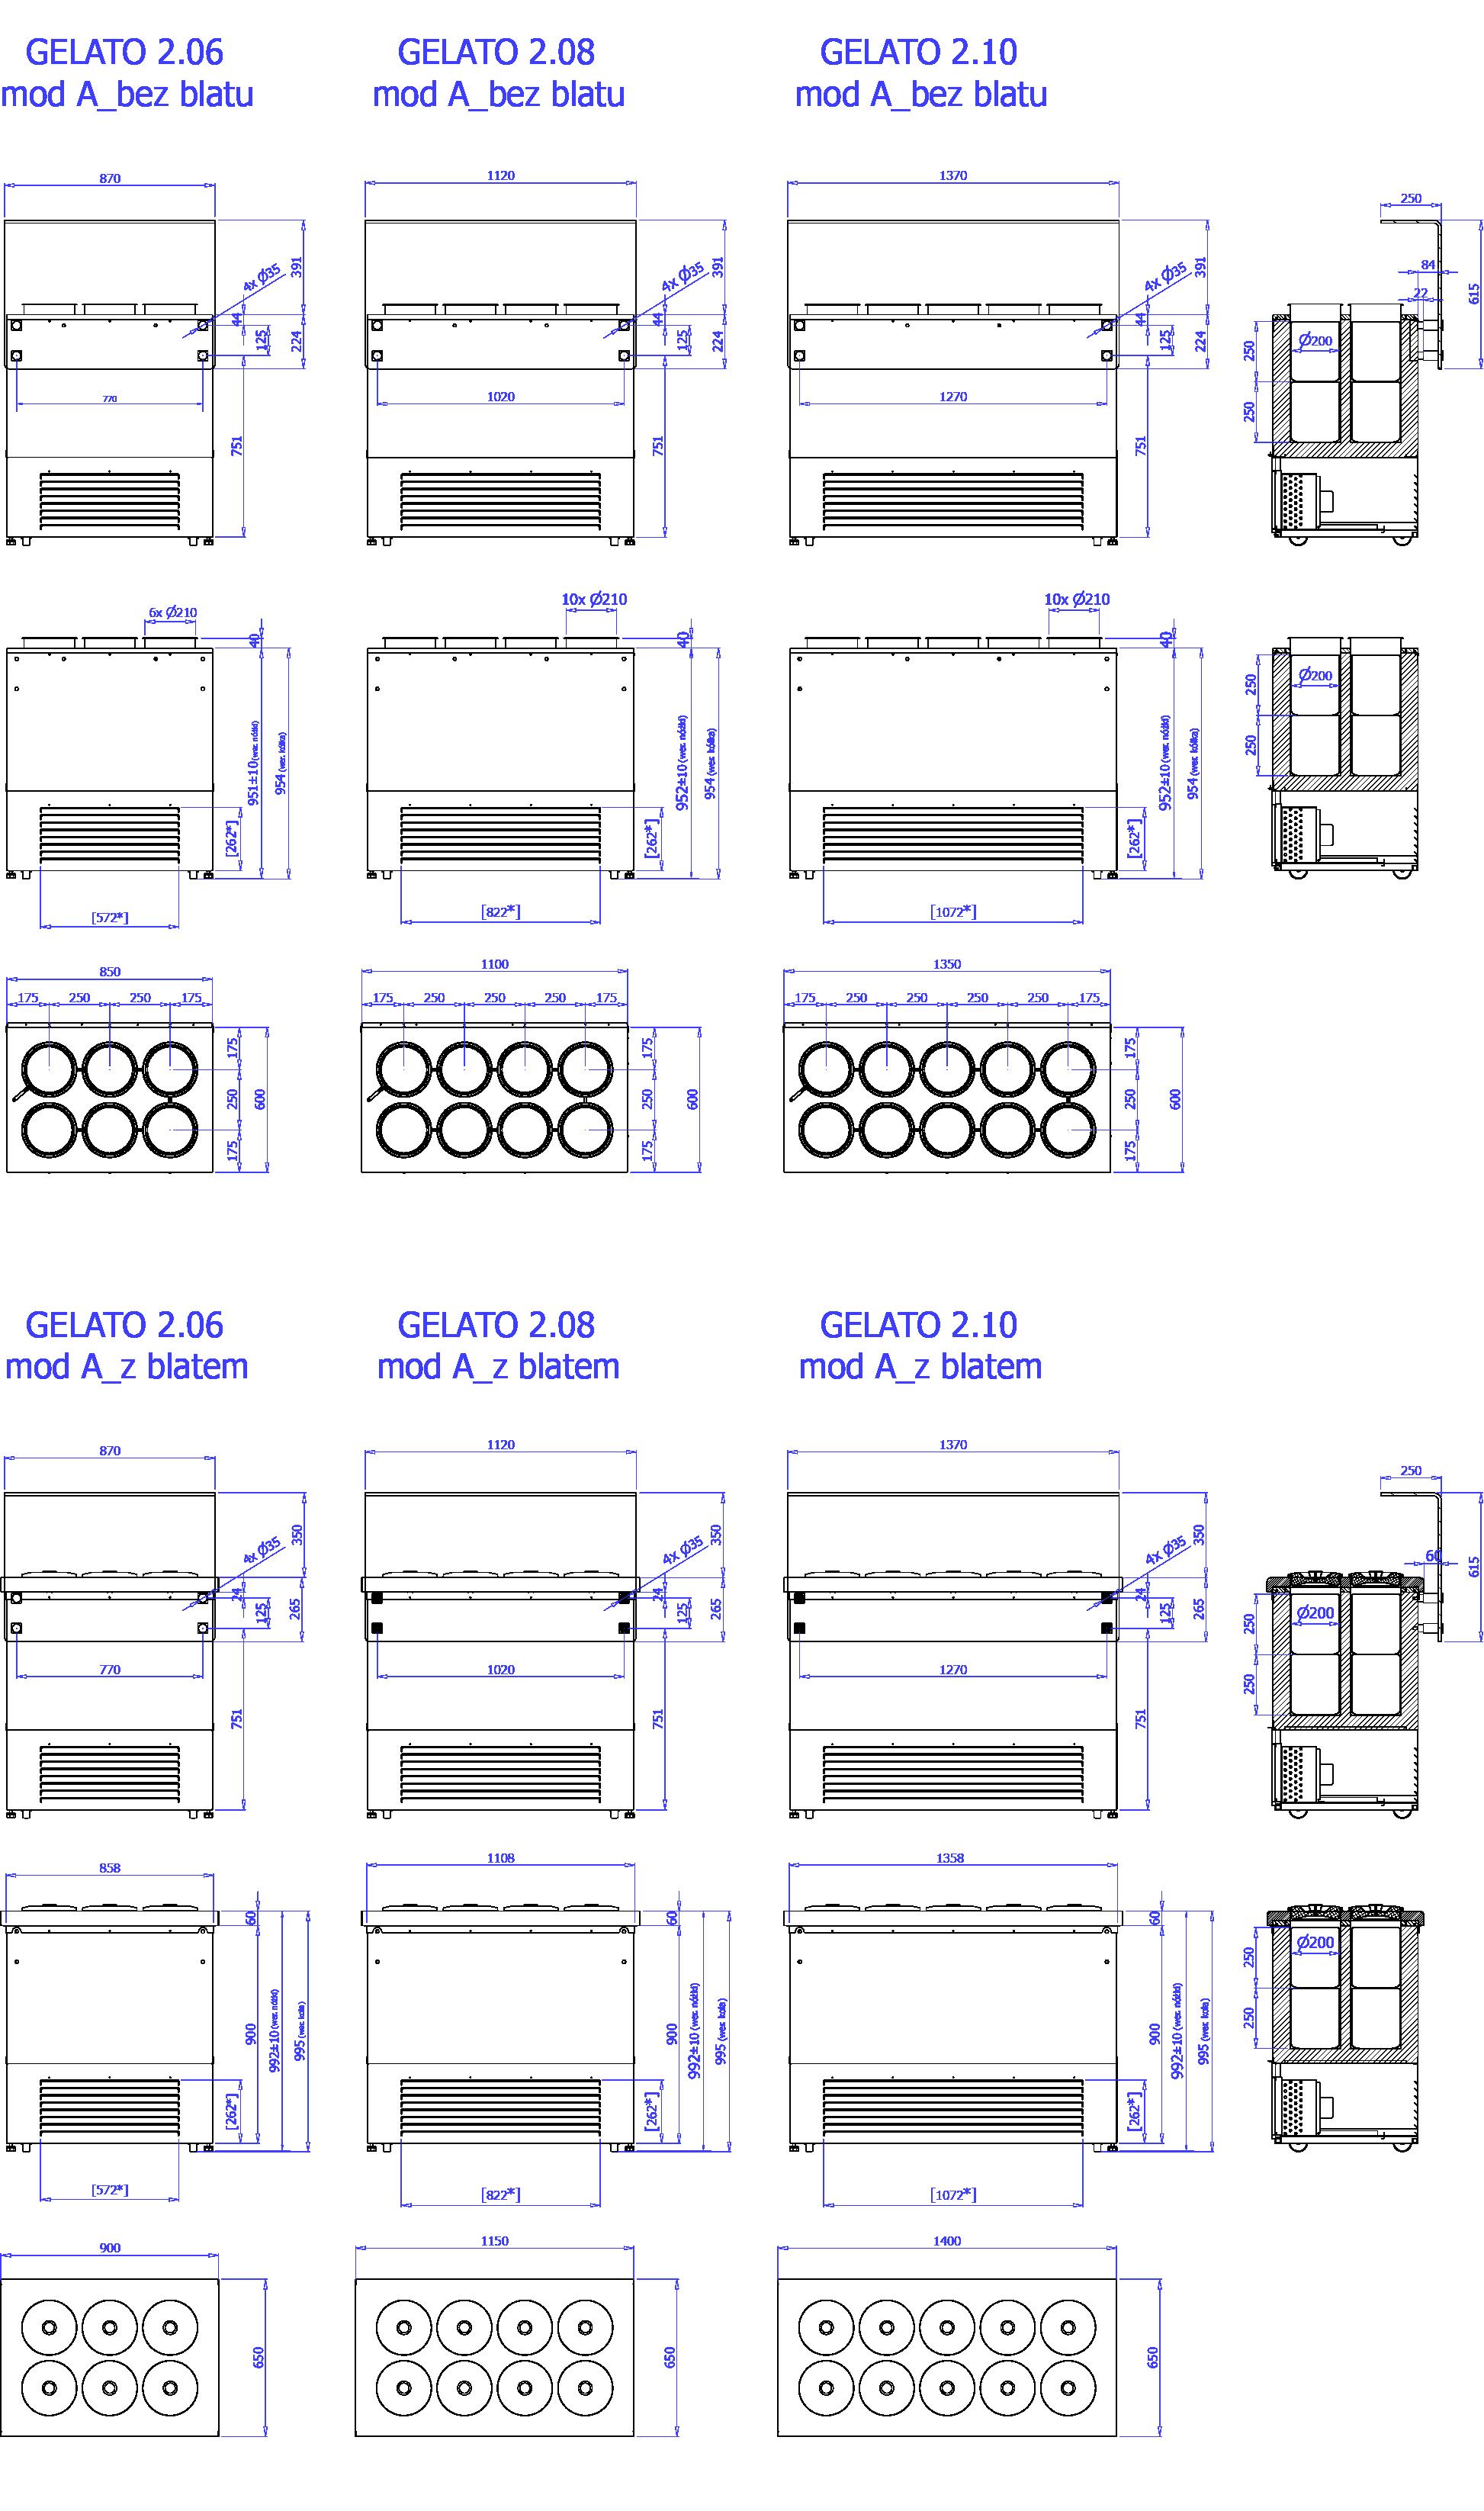 Technische Bezeichnung GELATO 2 MOD A